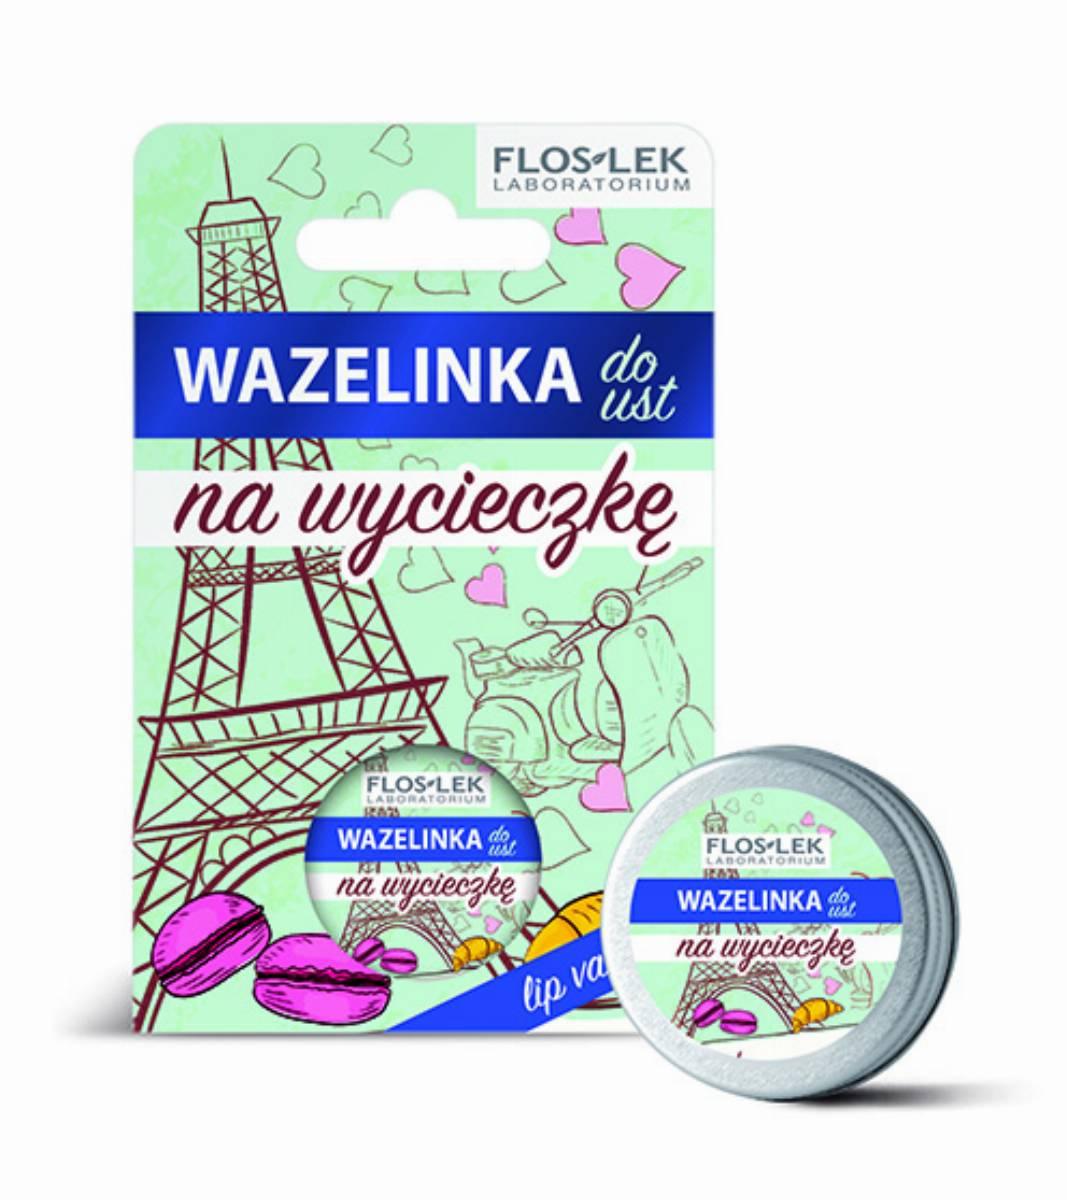 wazeliny_wycieczka-small